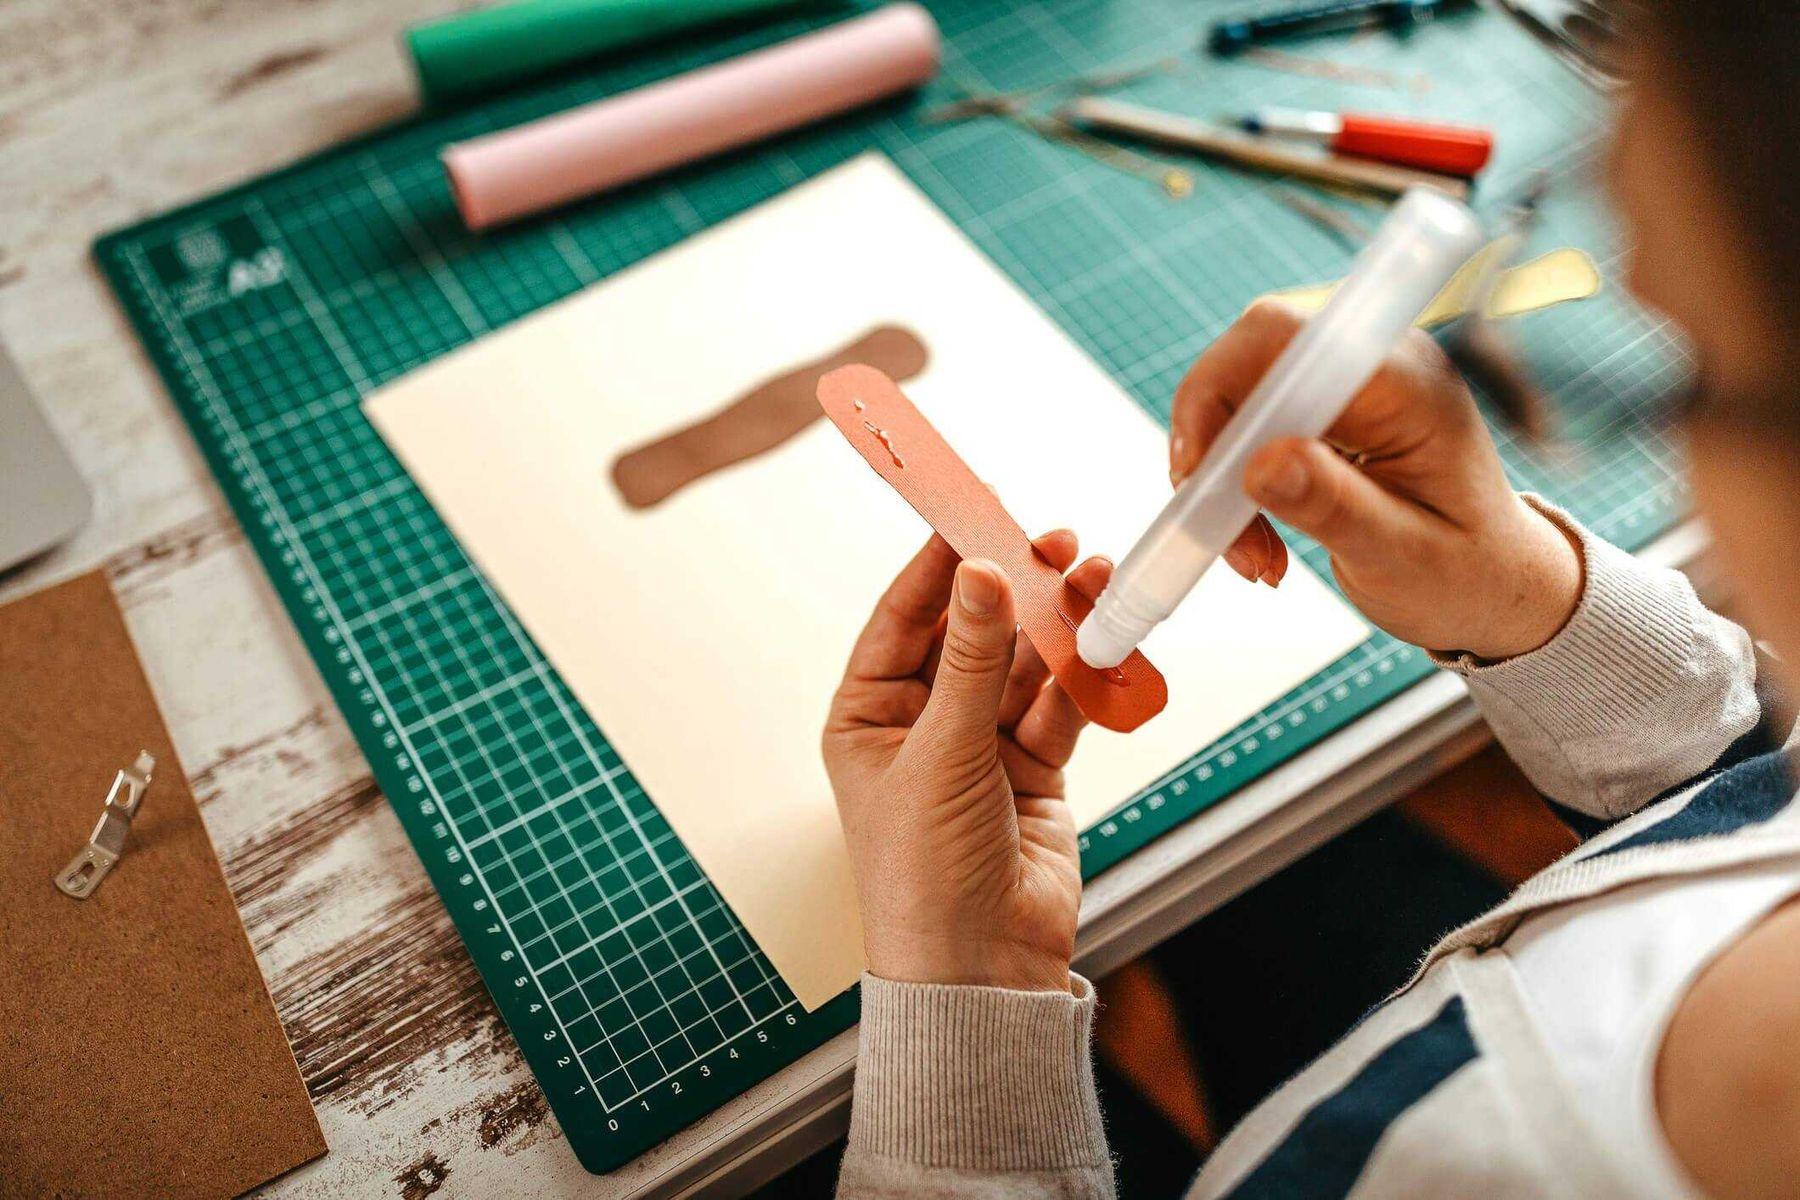 pessoa-fazendo-colagem-de-materiais